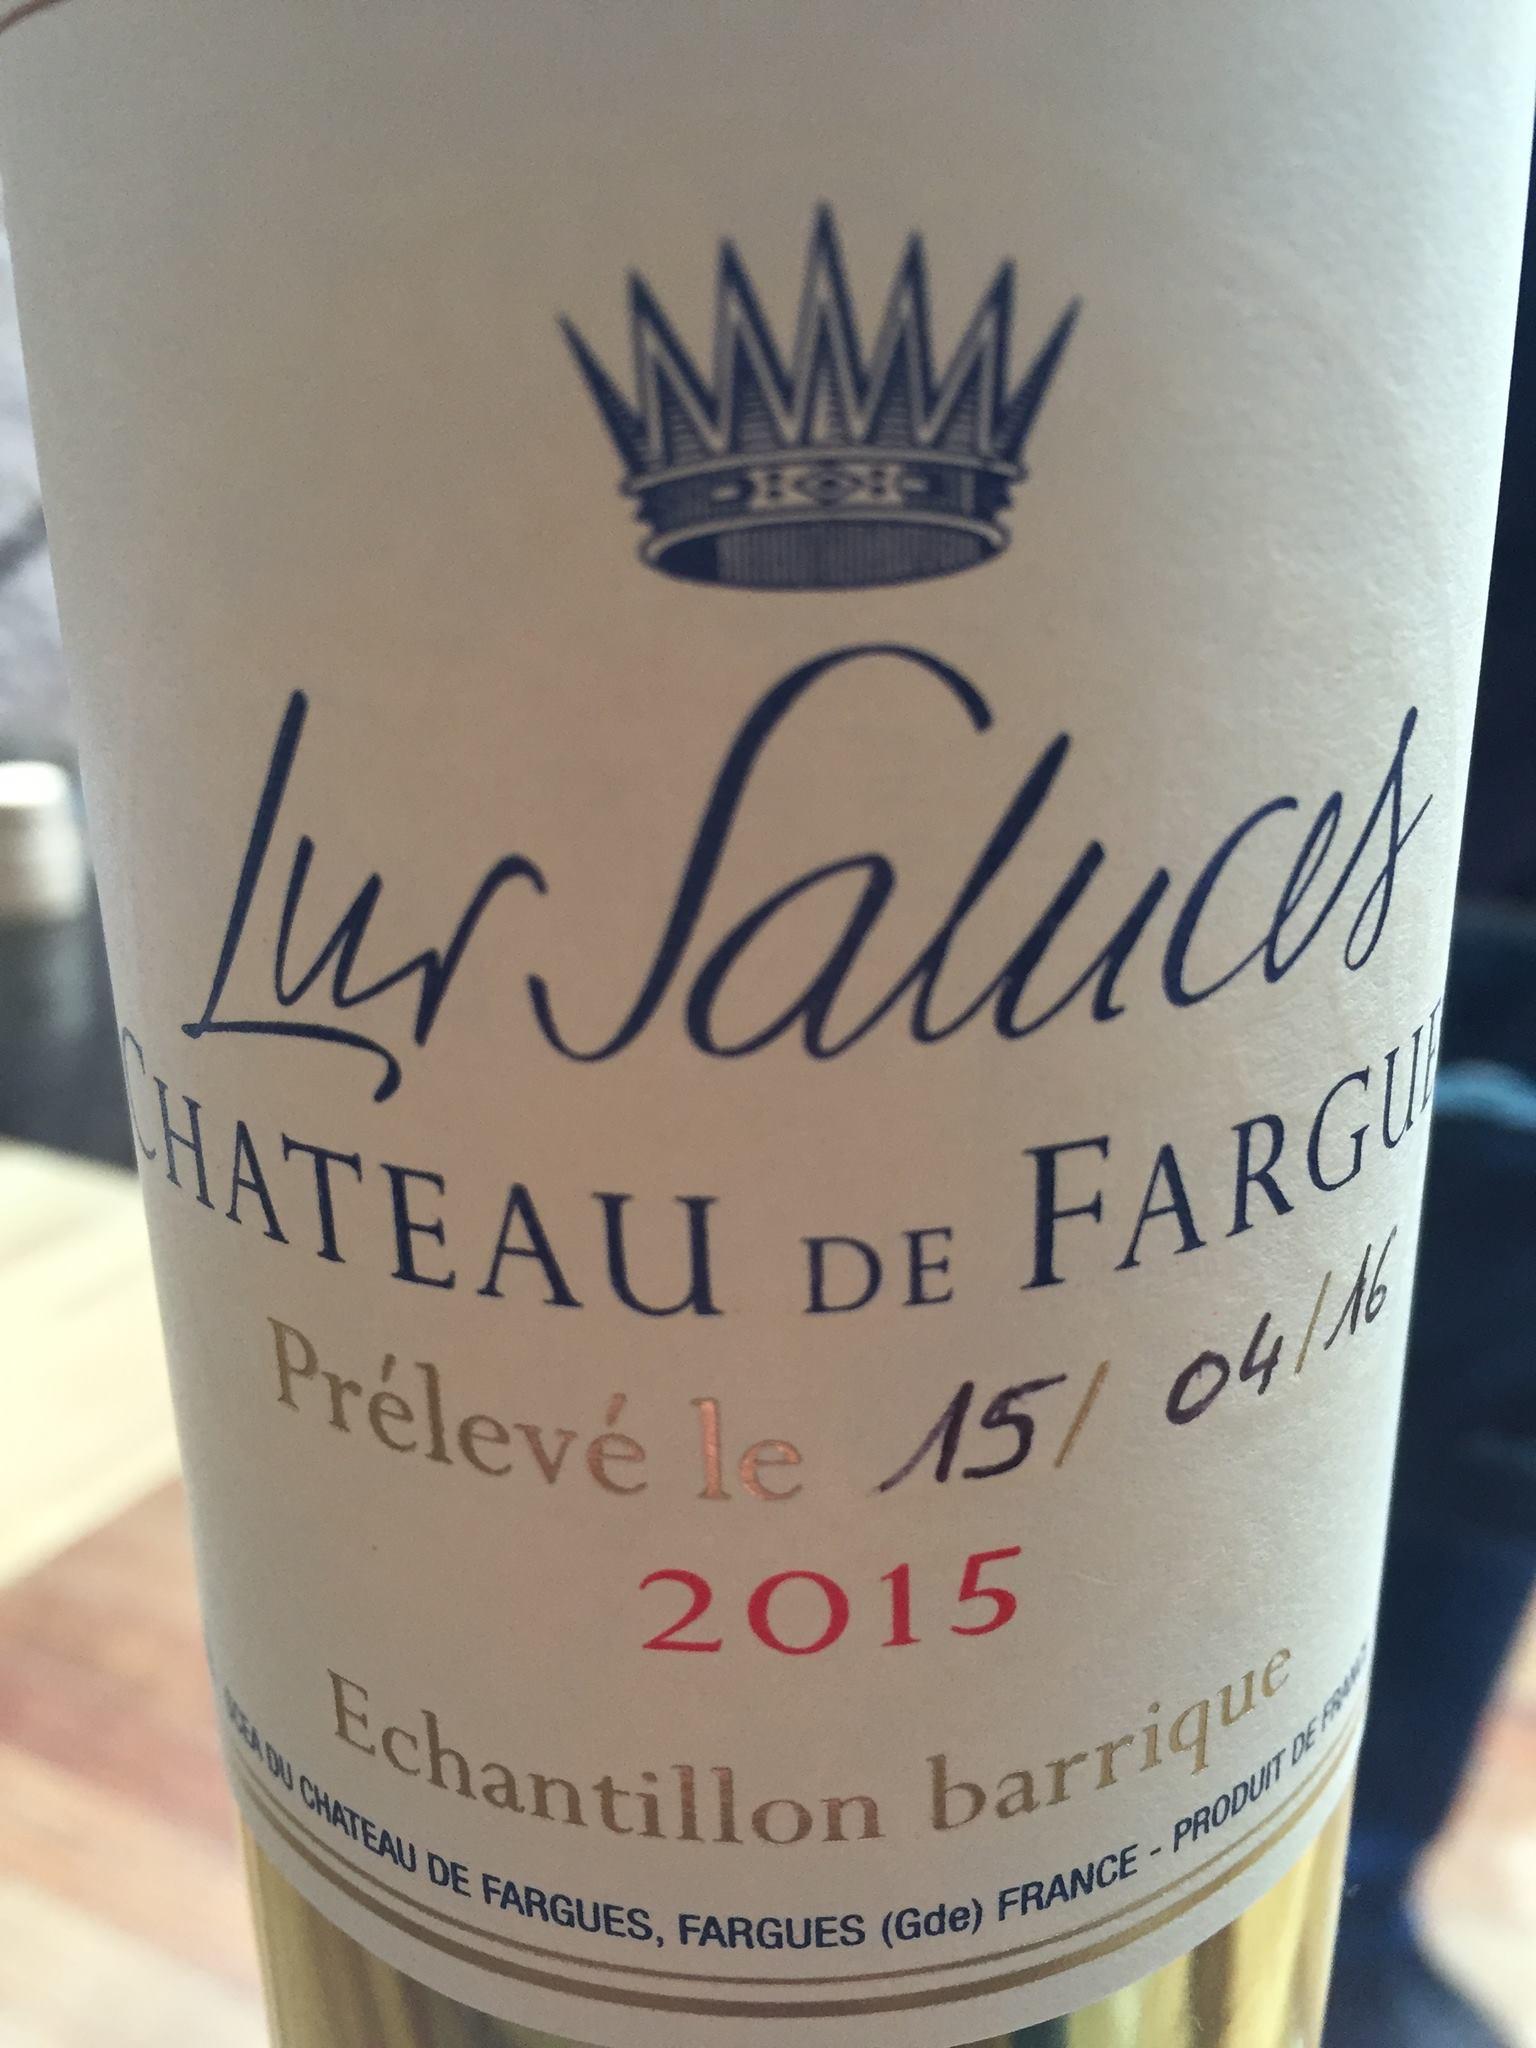 Château de Fargues 2015 – Sauternes